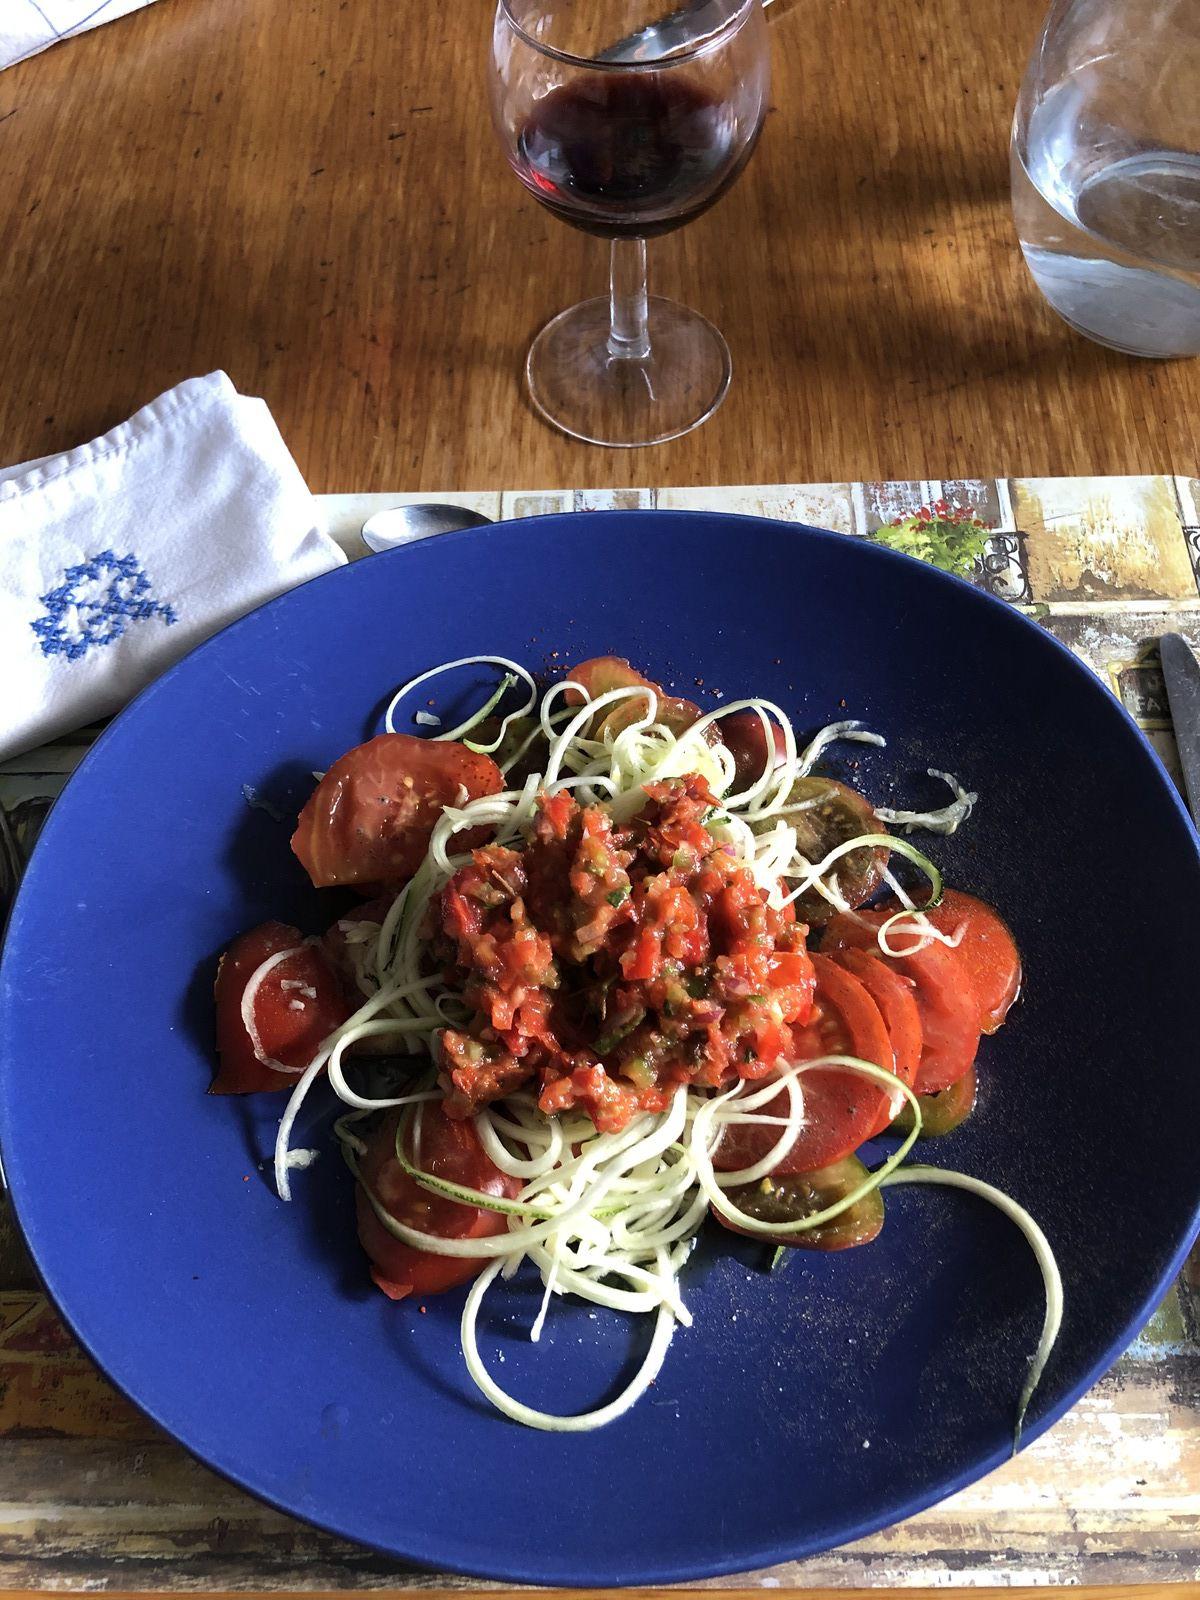 Tomates du jardin et courgette récoltées juste avant la transformation. Recouvertes d'une sauce napolitaine: Tomates fraîches et séchées, poivrons, huile d'olive, sirop d'agave, origan, basilic, oignon rouge, ail frais. Sel, poivre et piment de Cayenne.